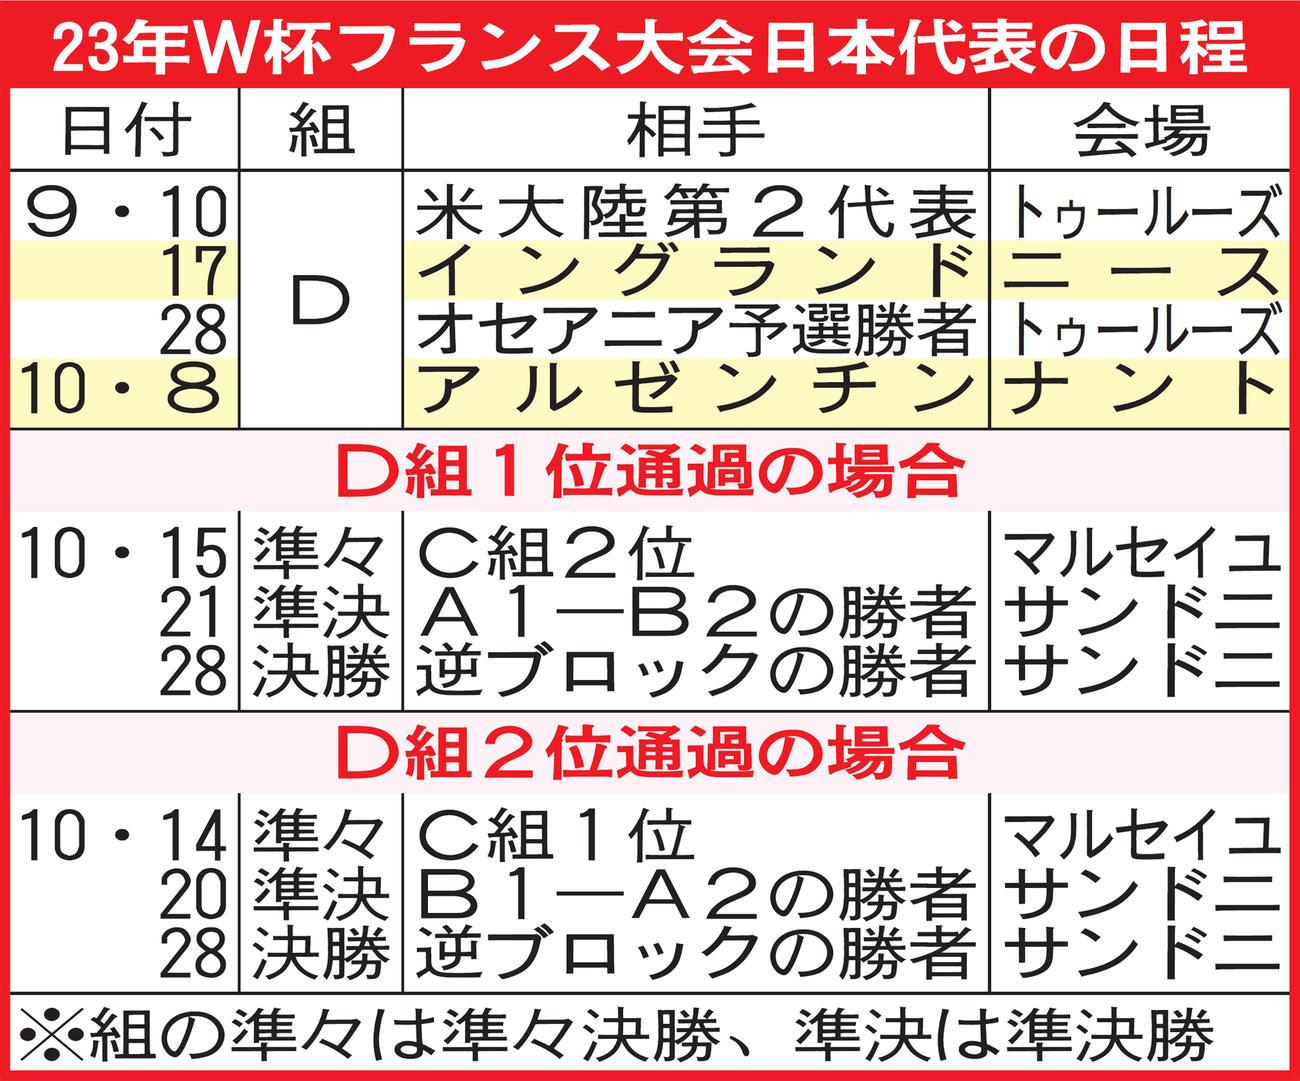 23年W杯フランス大会日本代表の日程